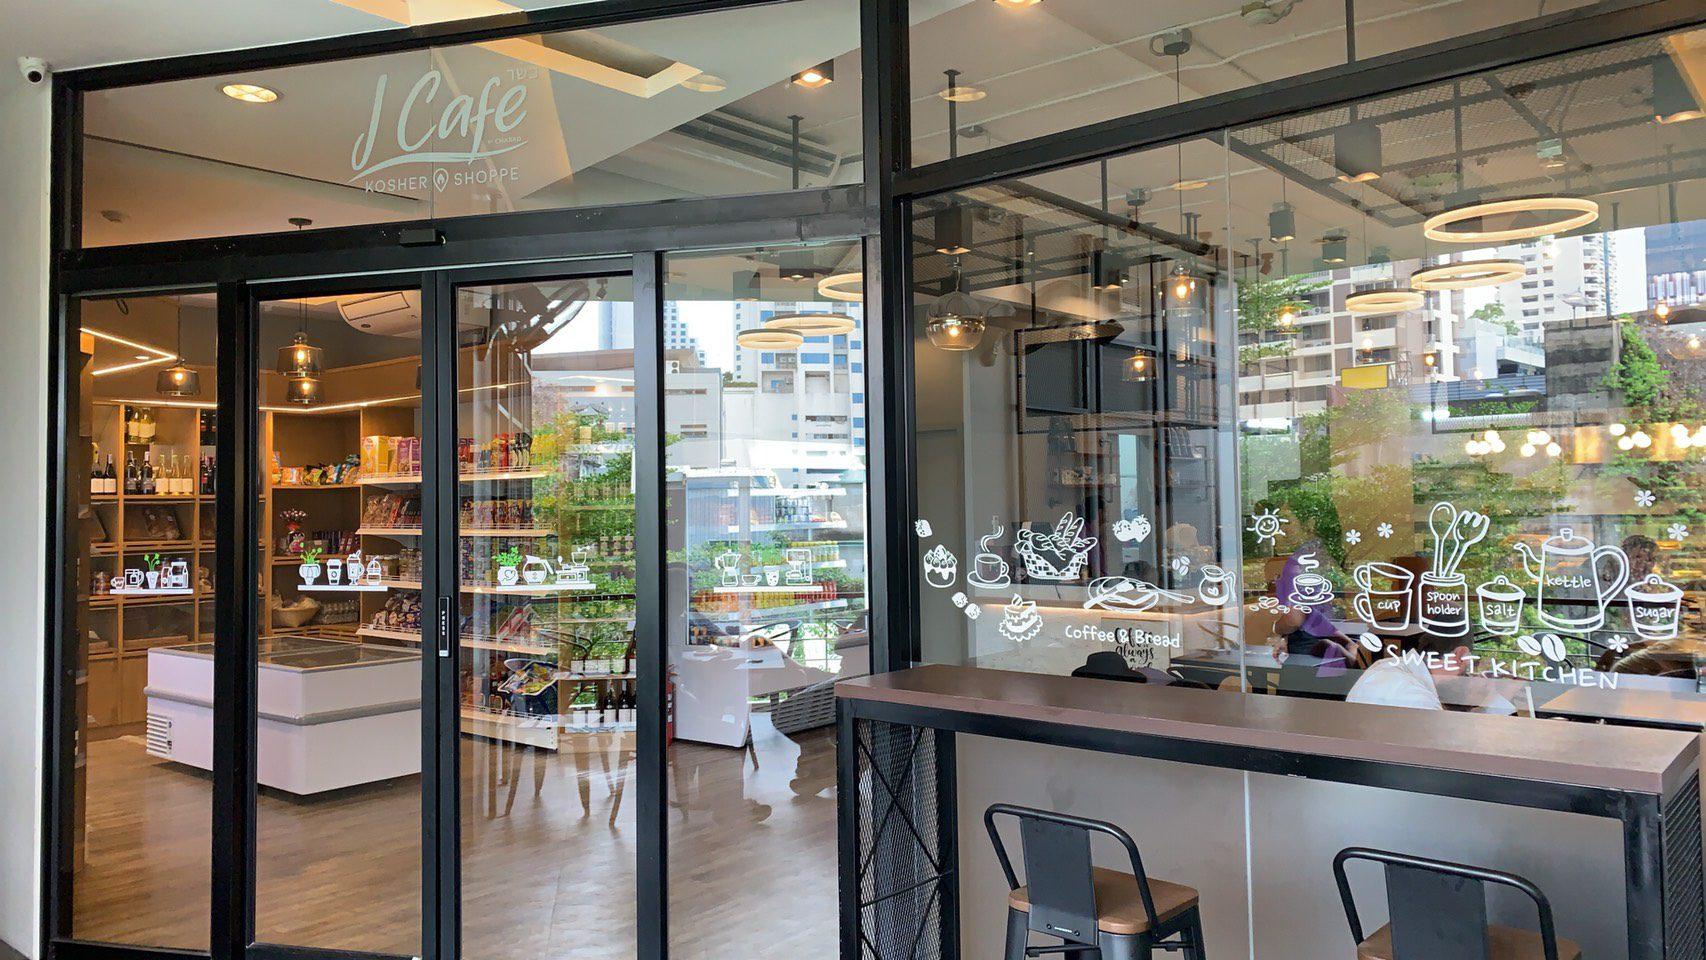 J Café (เจ คาเฟ่) คาเฟ่เมดิเตอร์เรเนียนสไตล์ แห่งใหม่กลางใจเมือง